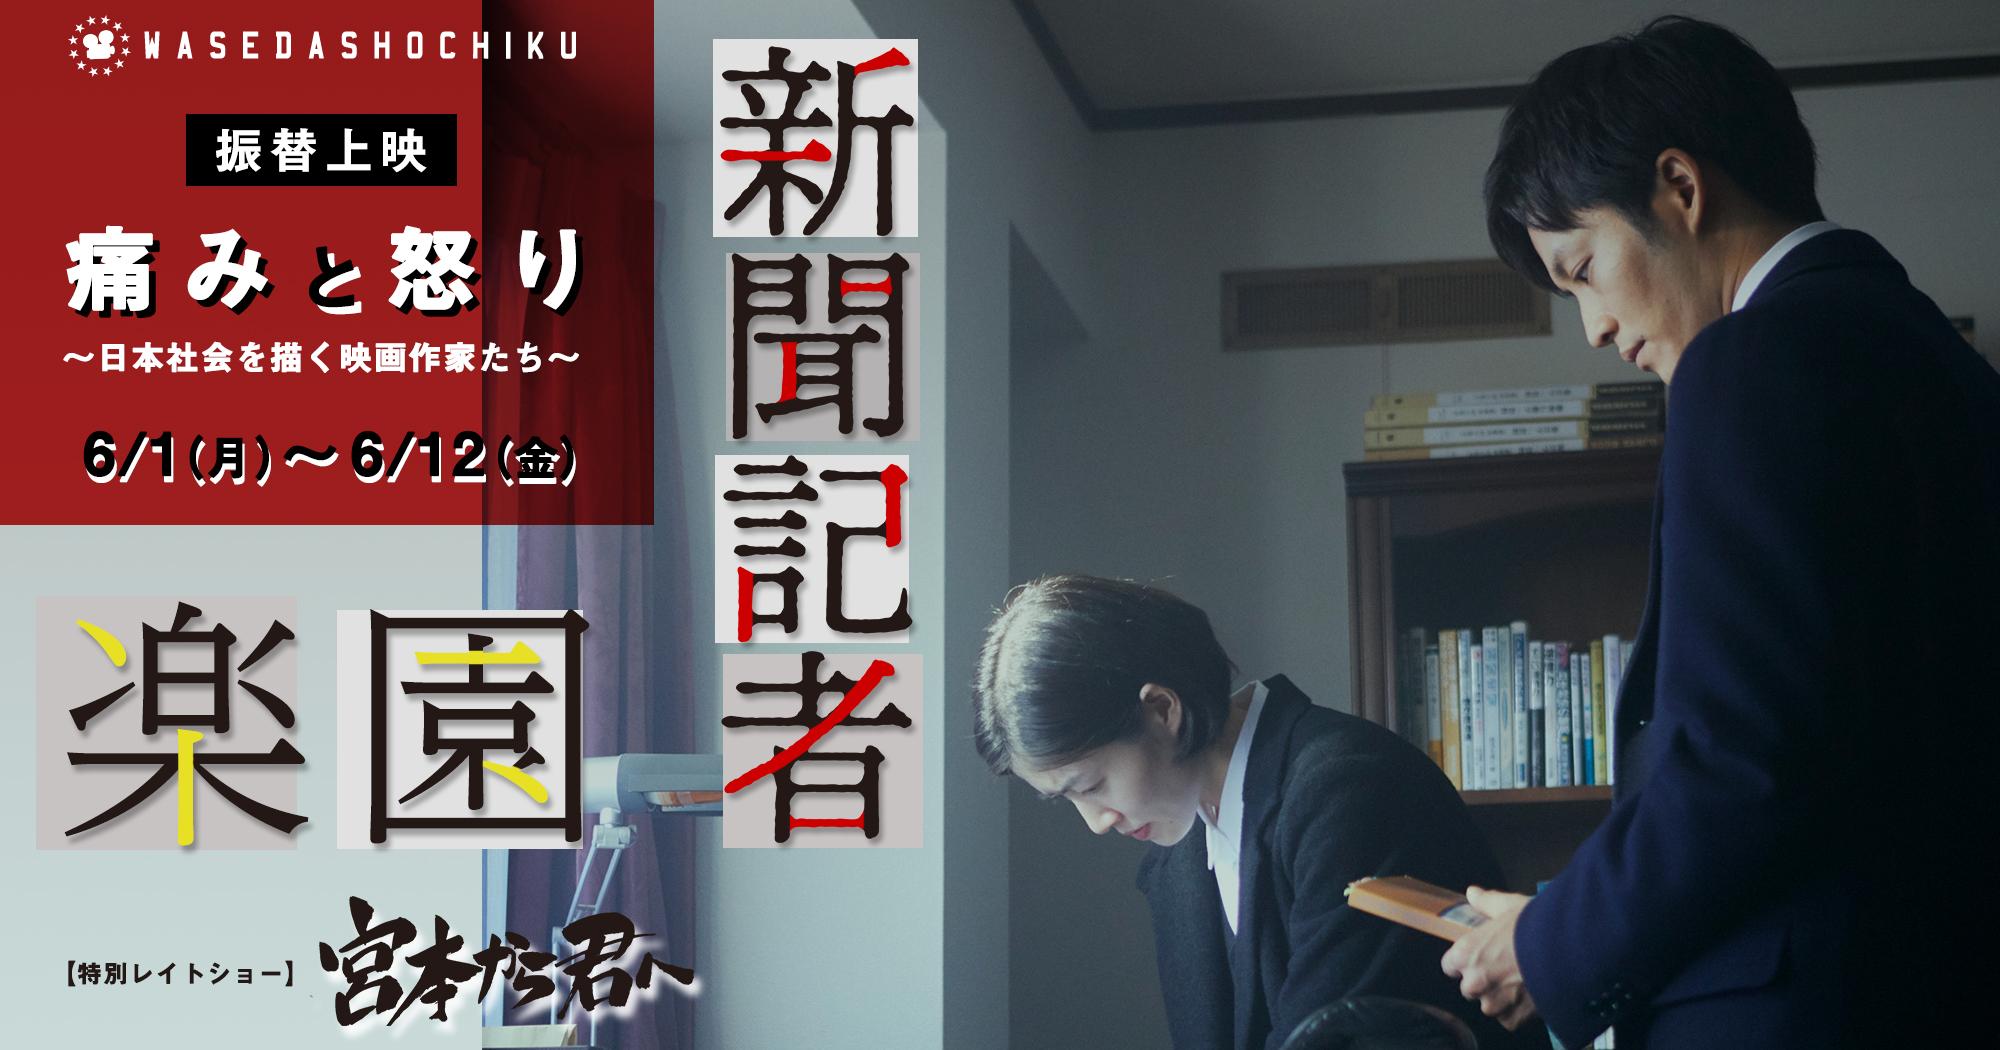 ★6/1(月)〜6/12(金)上映★痛みと怒り ~日本社会を描く映画作家たち~ //特別レイトショー『宮本から君へ』